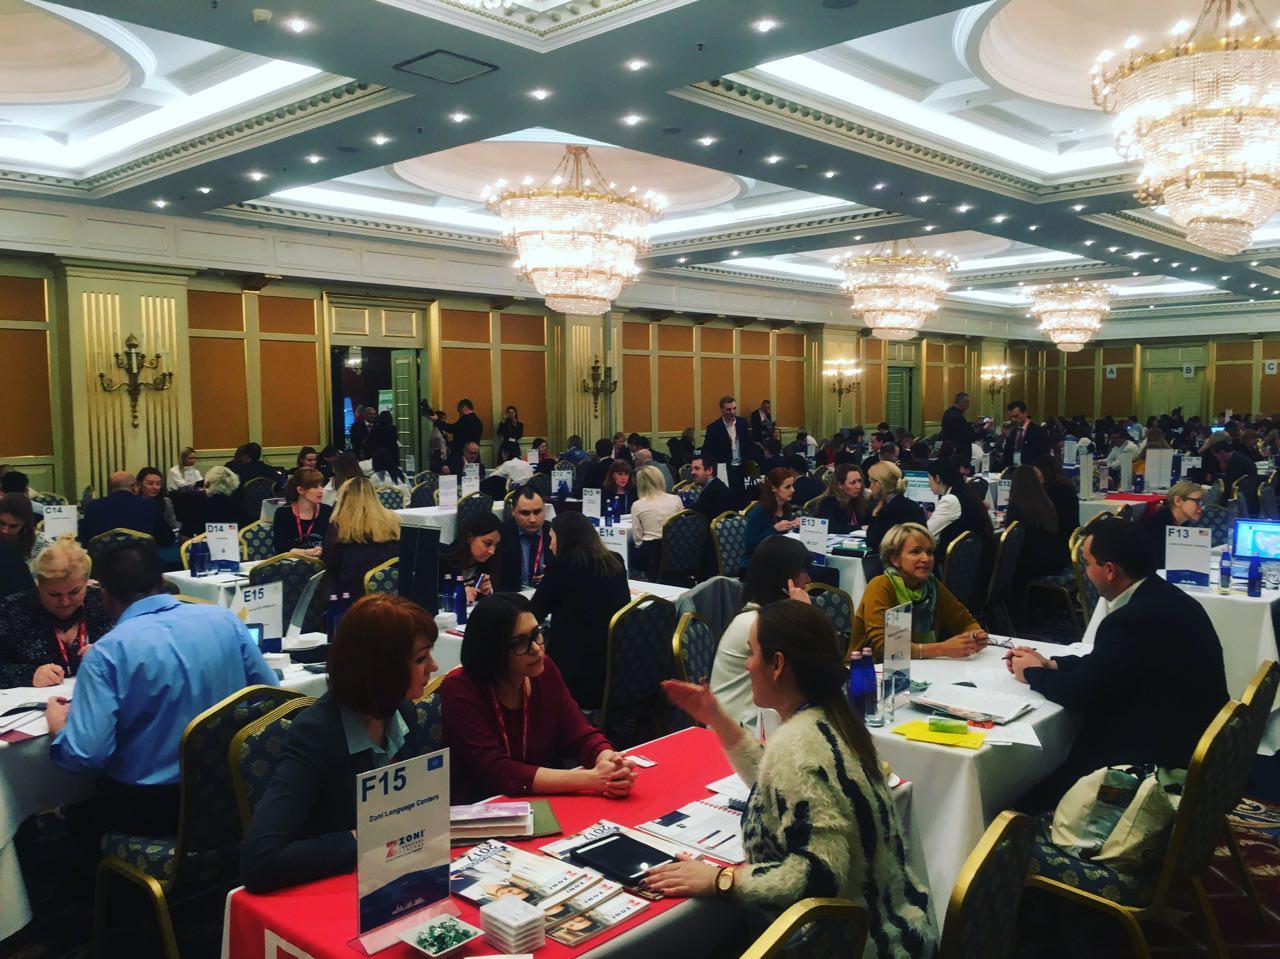 В этом зале собрались представители вузов многих стран, работа в самом разгаре!